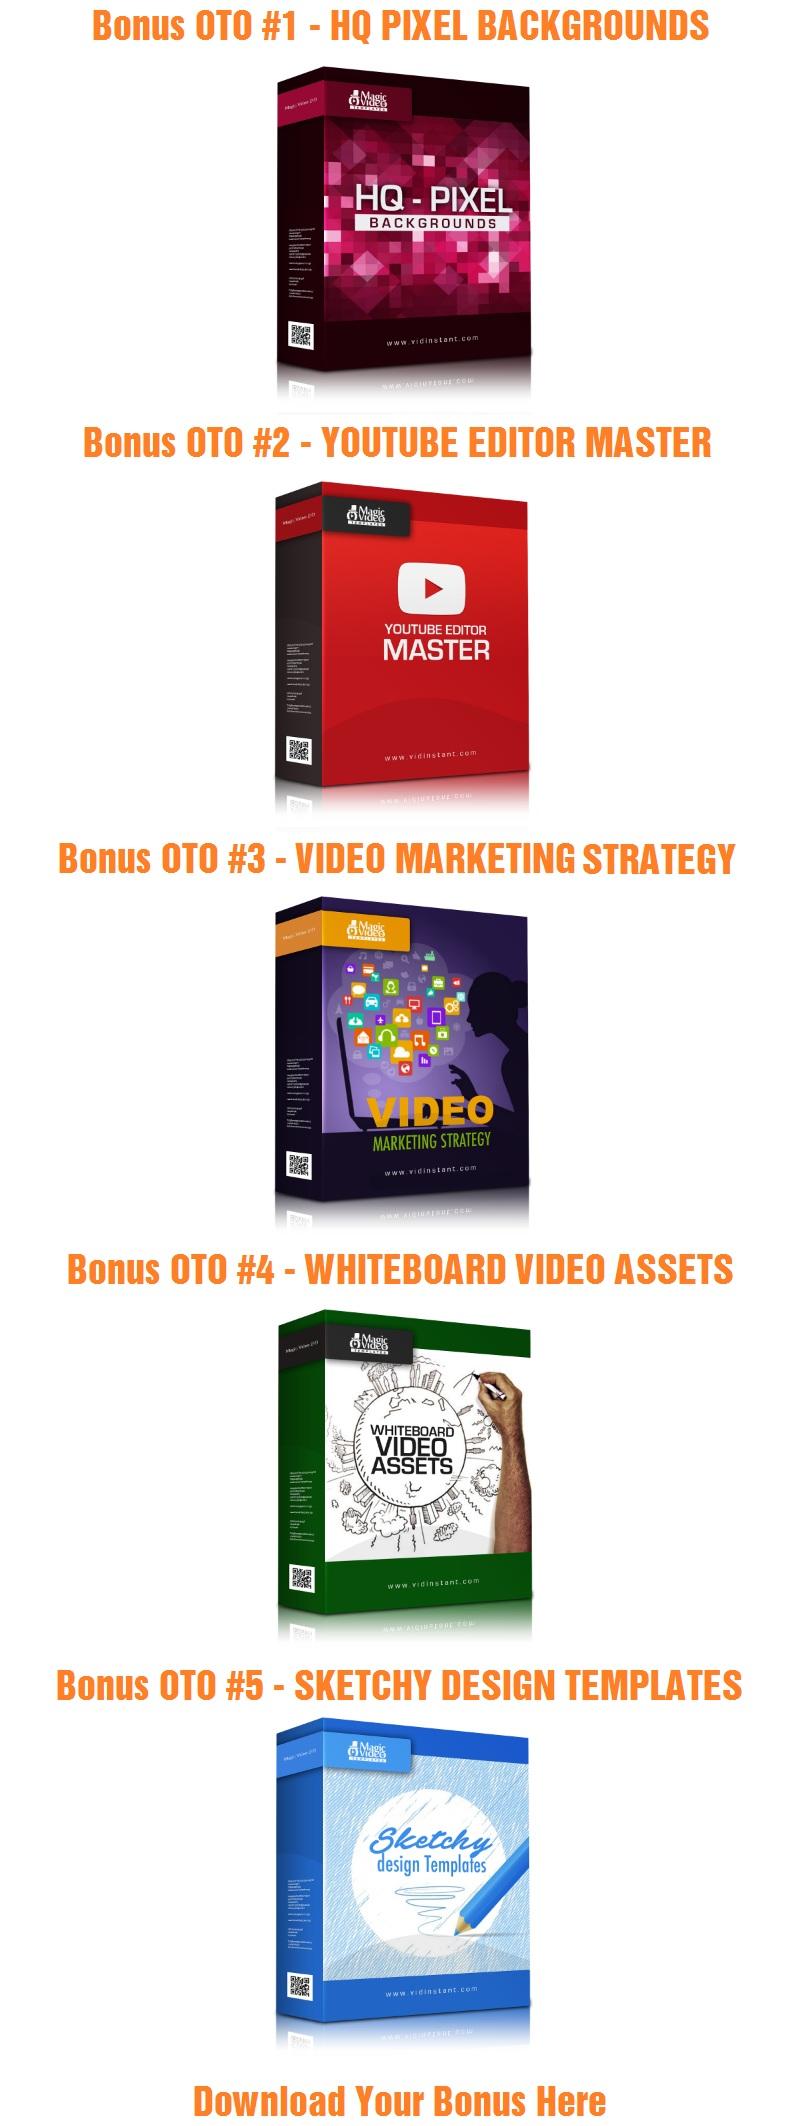 Magic Video Templates V3 Bonus OTO